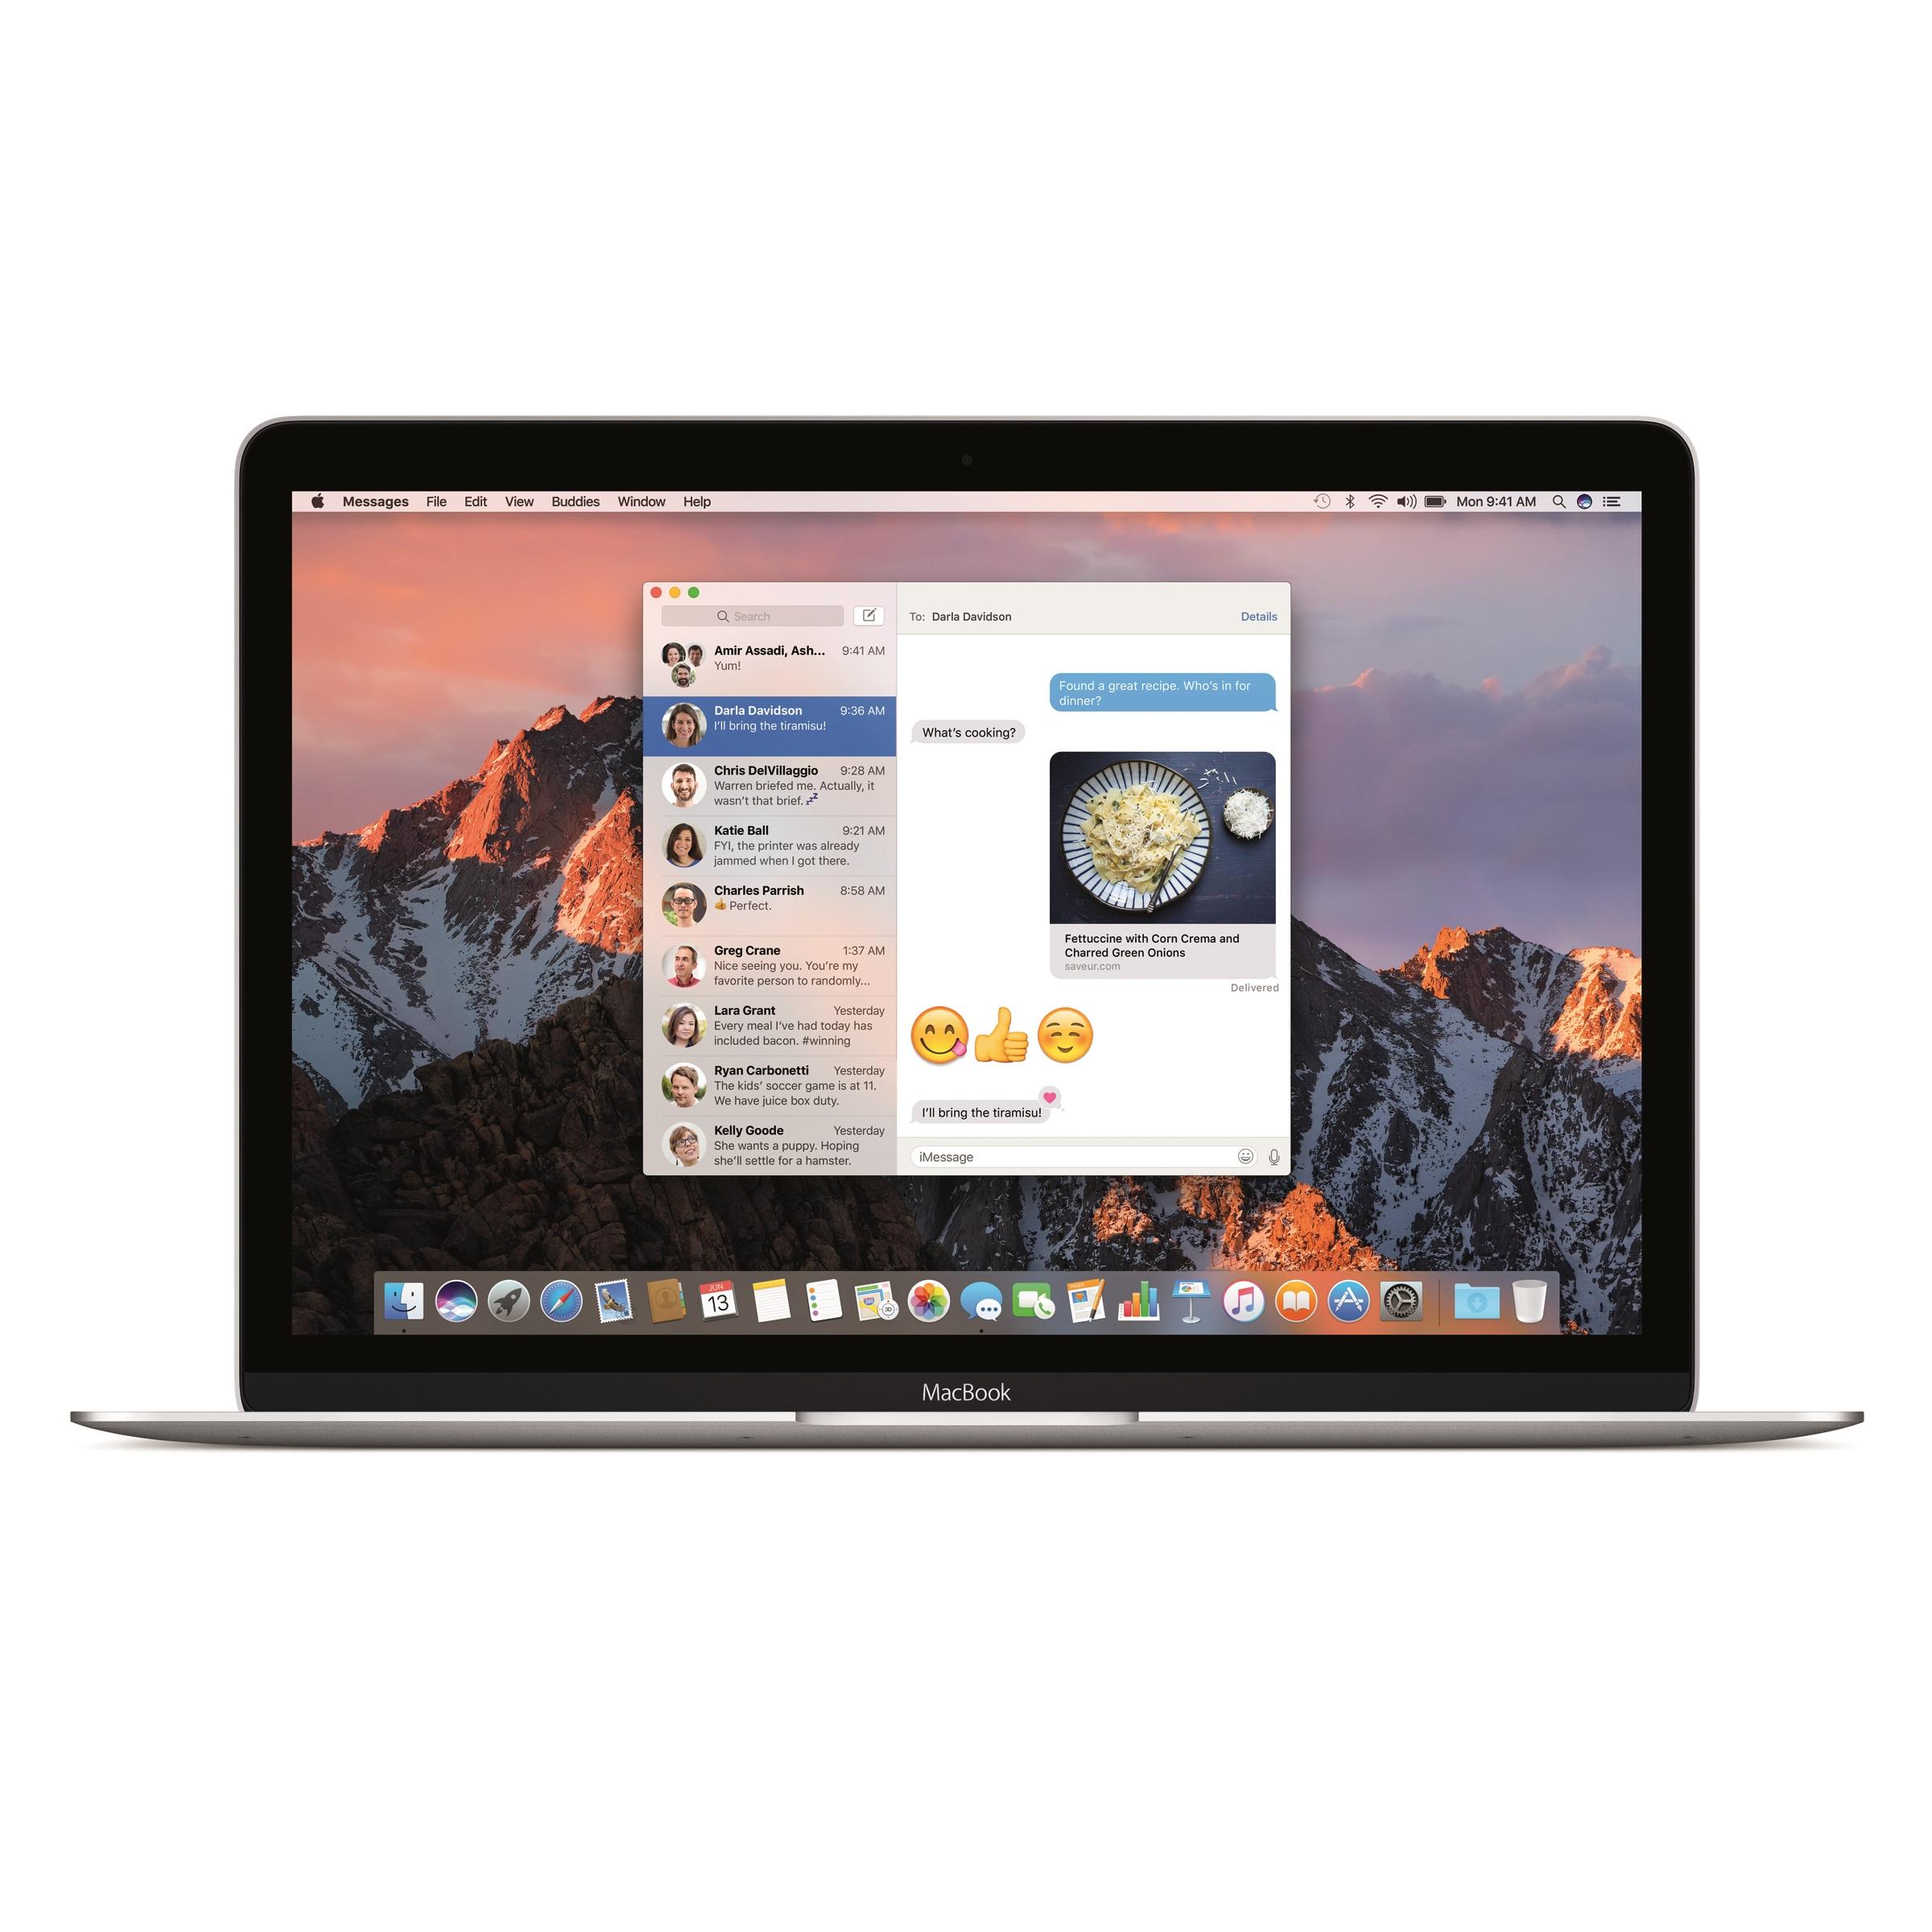 Apple's MacBook Pro.